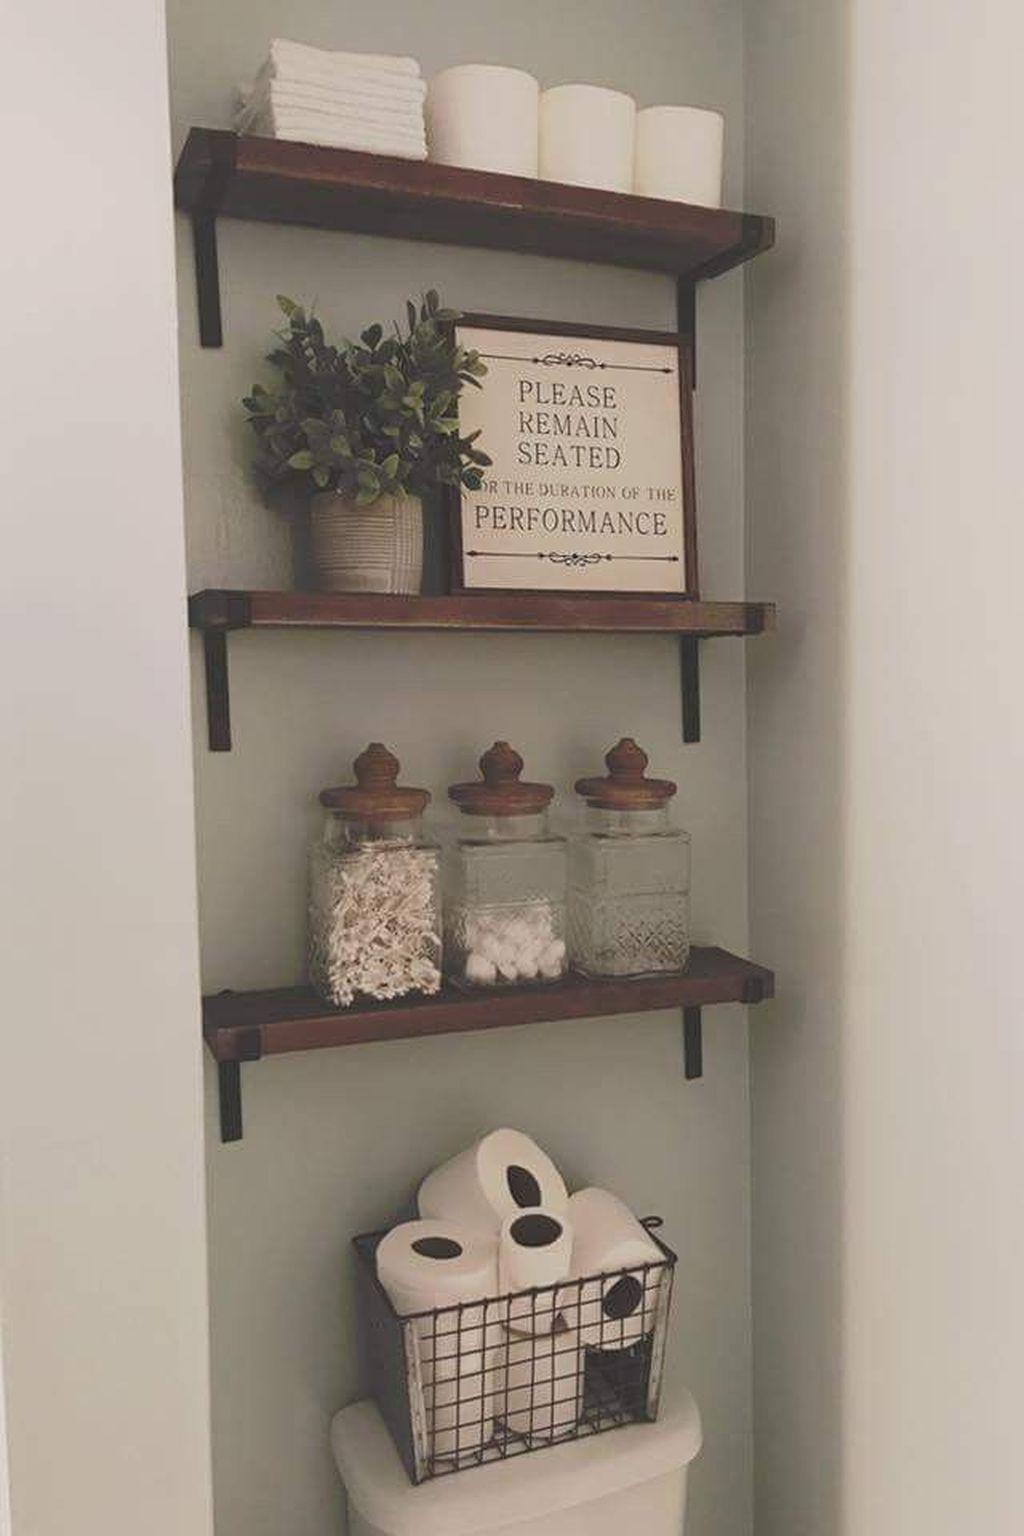 The Best Small Bathroom Decor Ideas With Farmhouse Style - Bathroom Decorations Ideas